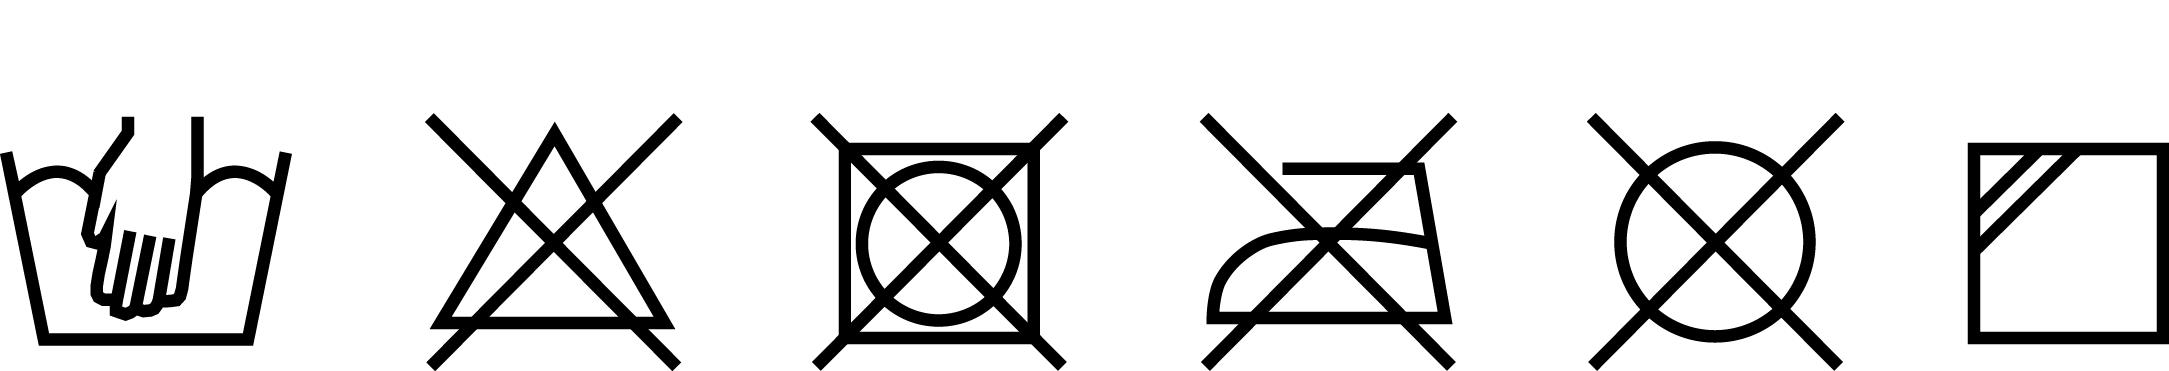 Simbolos_NOVO_2_ai.png